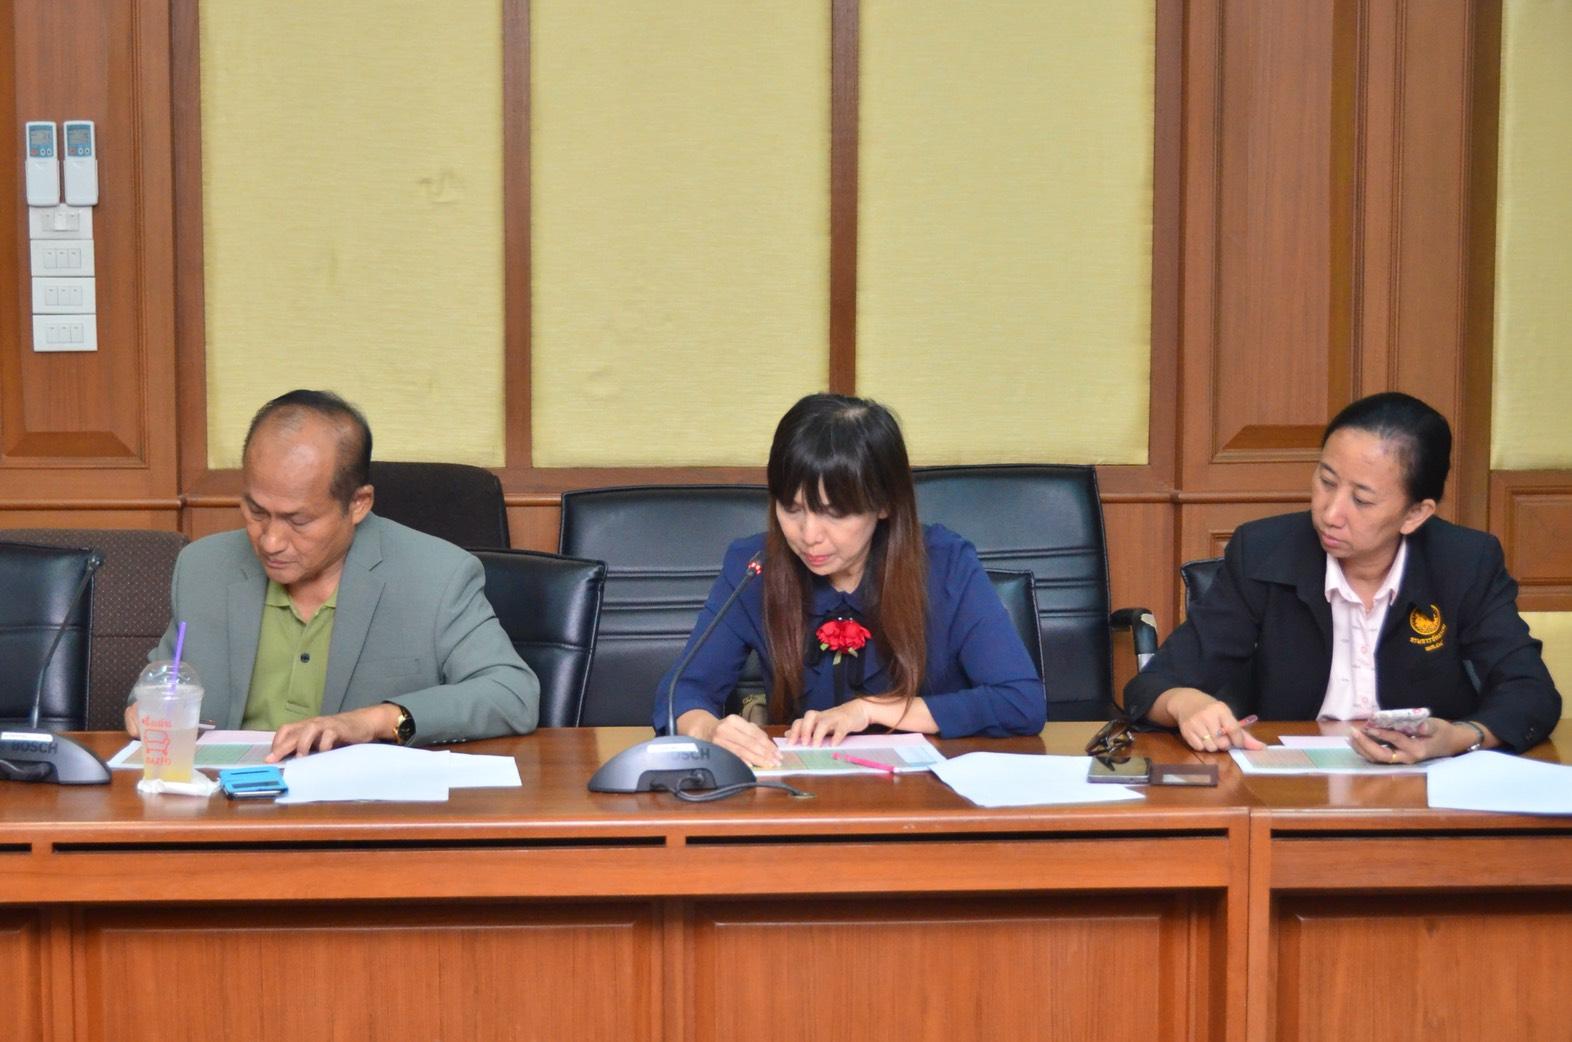 ประชุมแนวทางการดำเนินการกรณีแรงงานต่างด้าวยื่นคำขอภายในวันที่ 31 มีนาคม 2561 ณ ห้องประชุม เทียน อัชกุล ชั้น 10  กรมการจัดหางาน